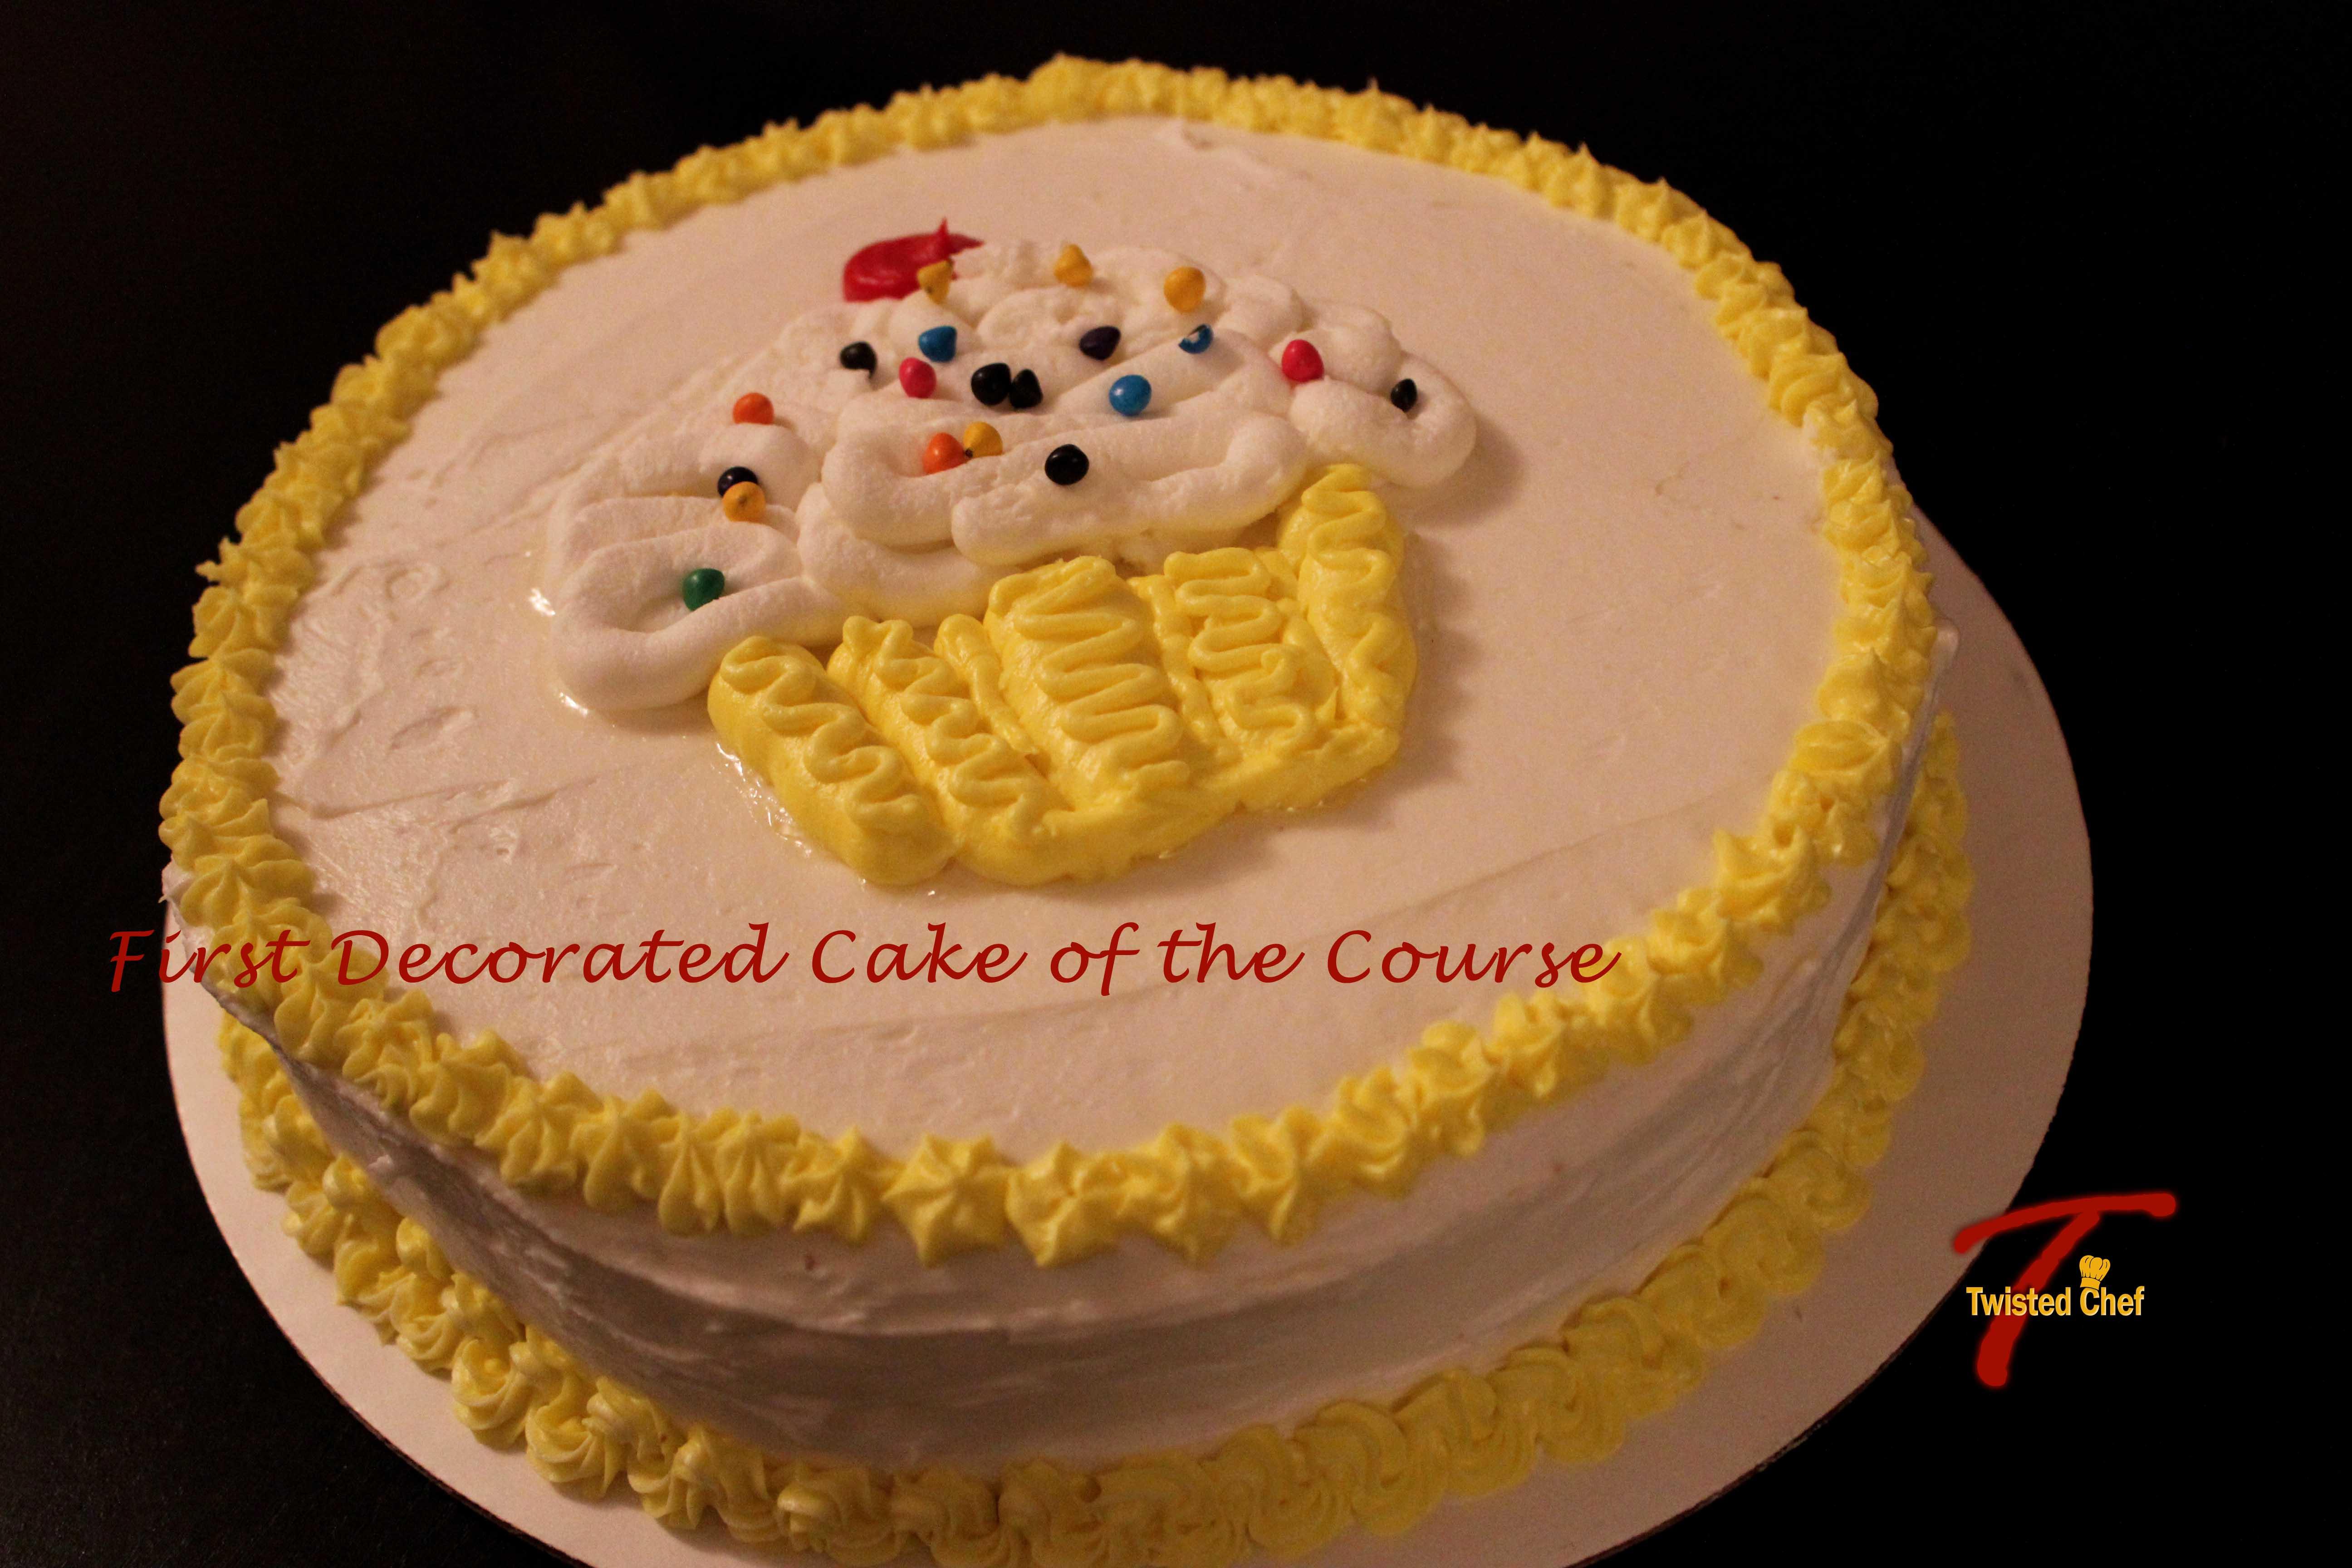 Www.cakedecorating.com Birthday Cake - Cake Ideas by ...